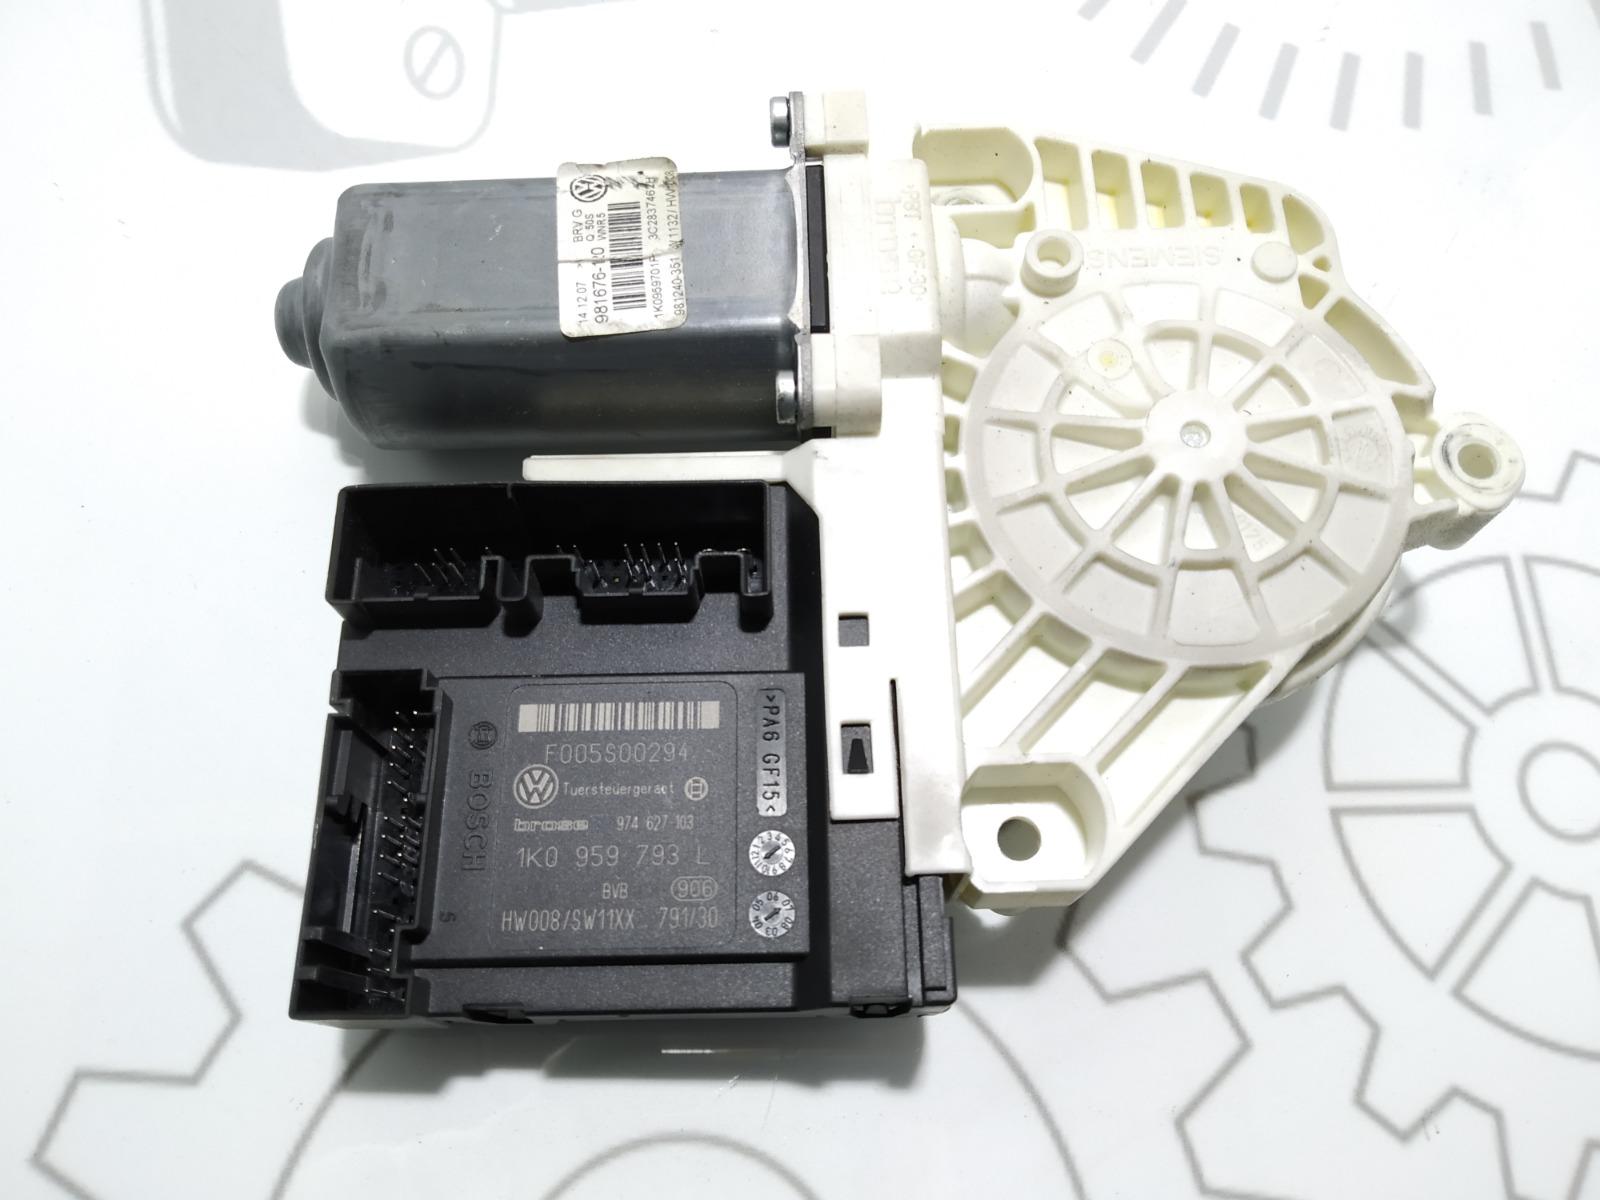 Моторчик стеклоподъемника передний правый Volkswagen Passat B6 1.9 TDI 2007 (б/у)